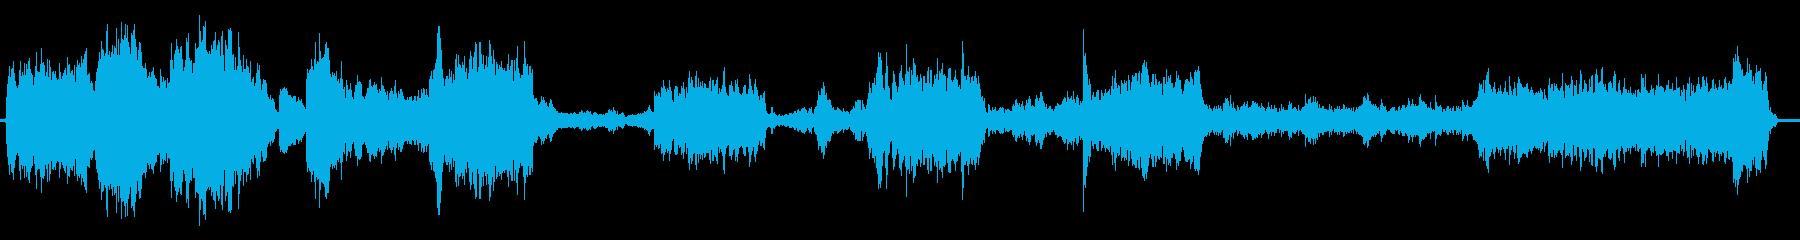 ファンタジーRPGのオープニング画面を…の再生済みの波形